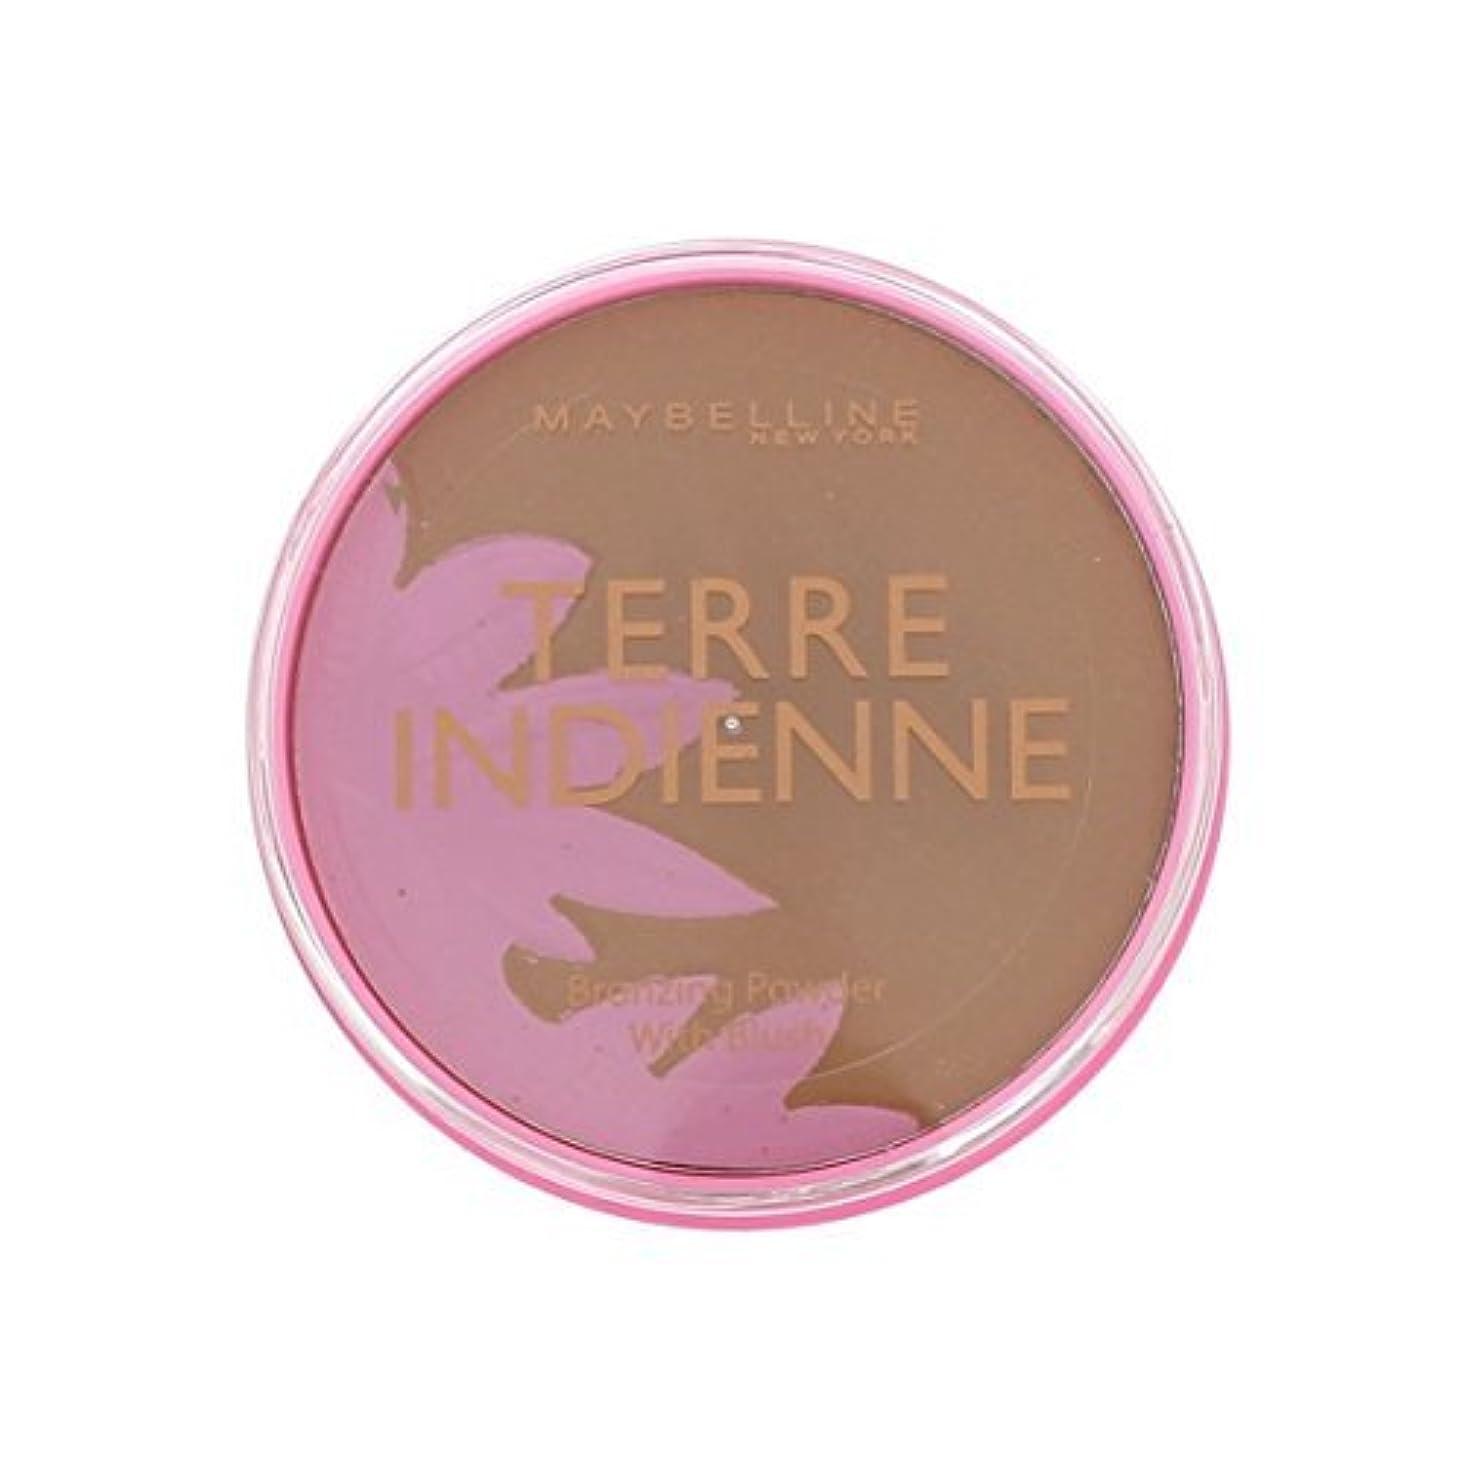 上向き睡眠不毛Poudre de Soleil Terre Indienne Gemey Maybelline - 08 Bronzed Paradise by Maybelline